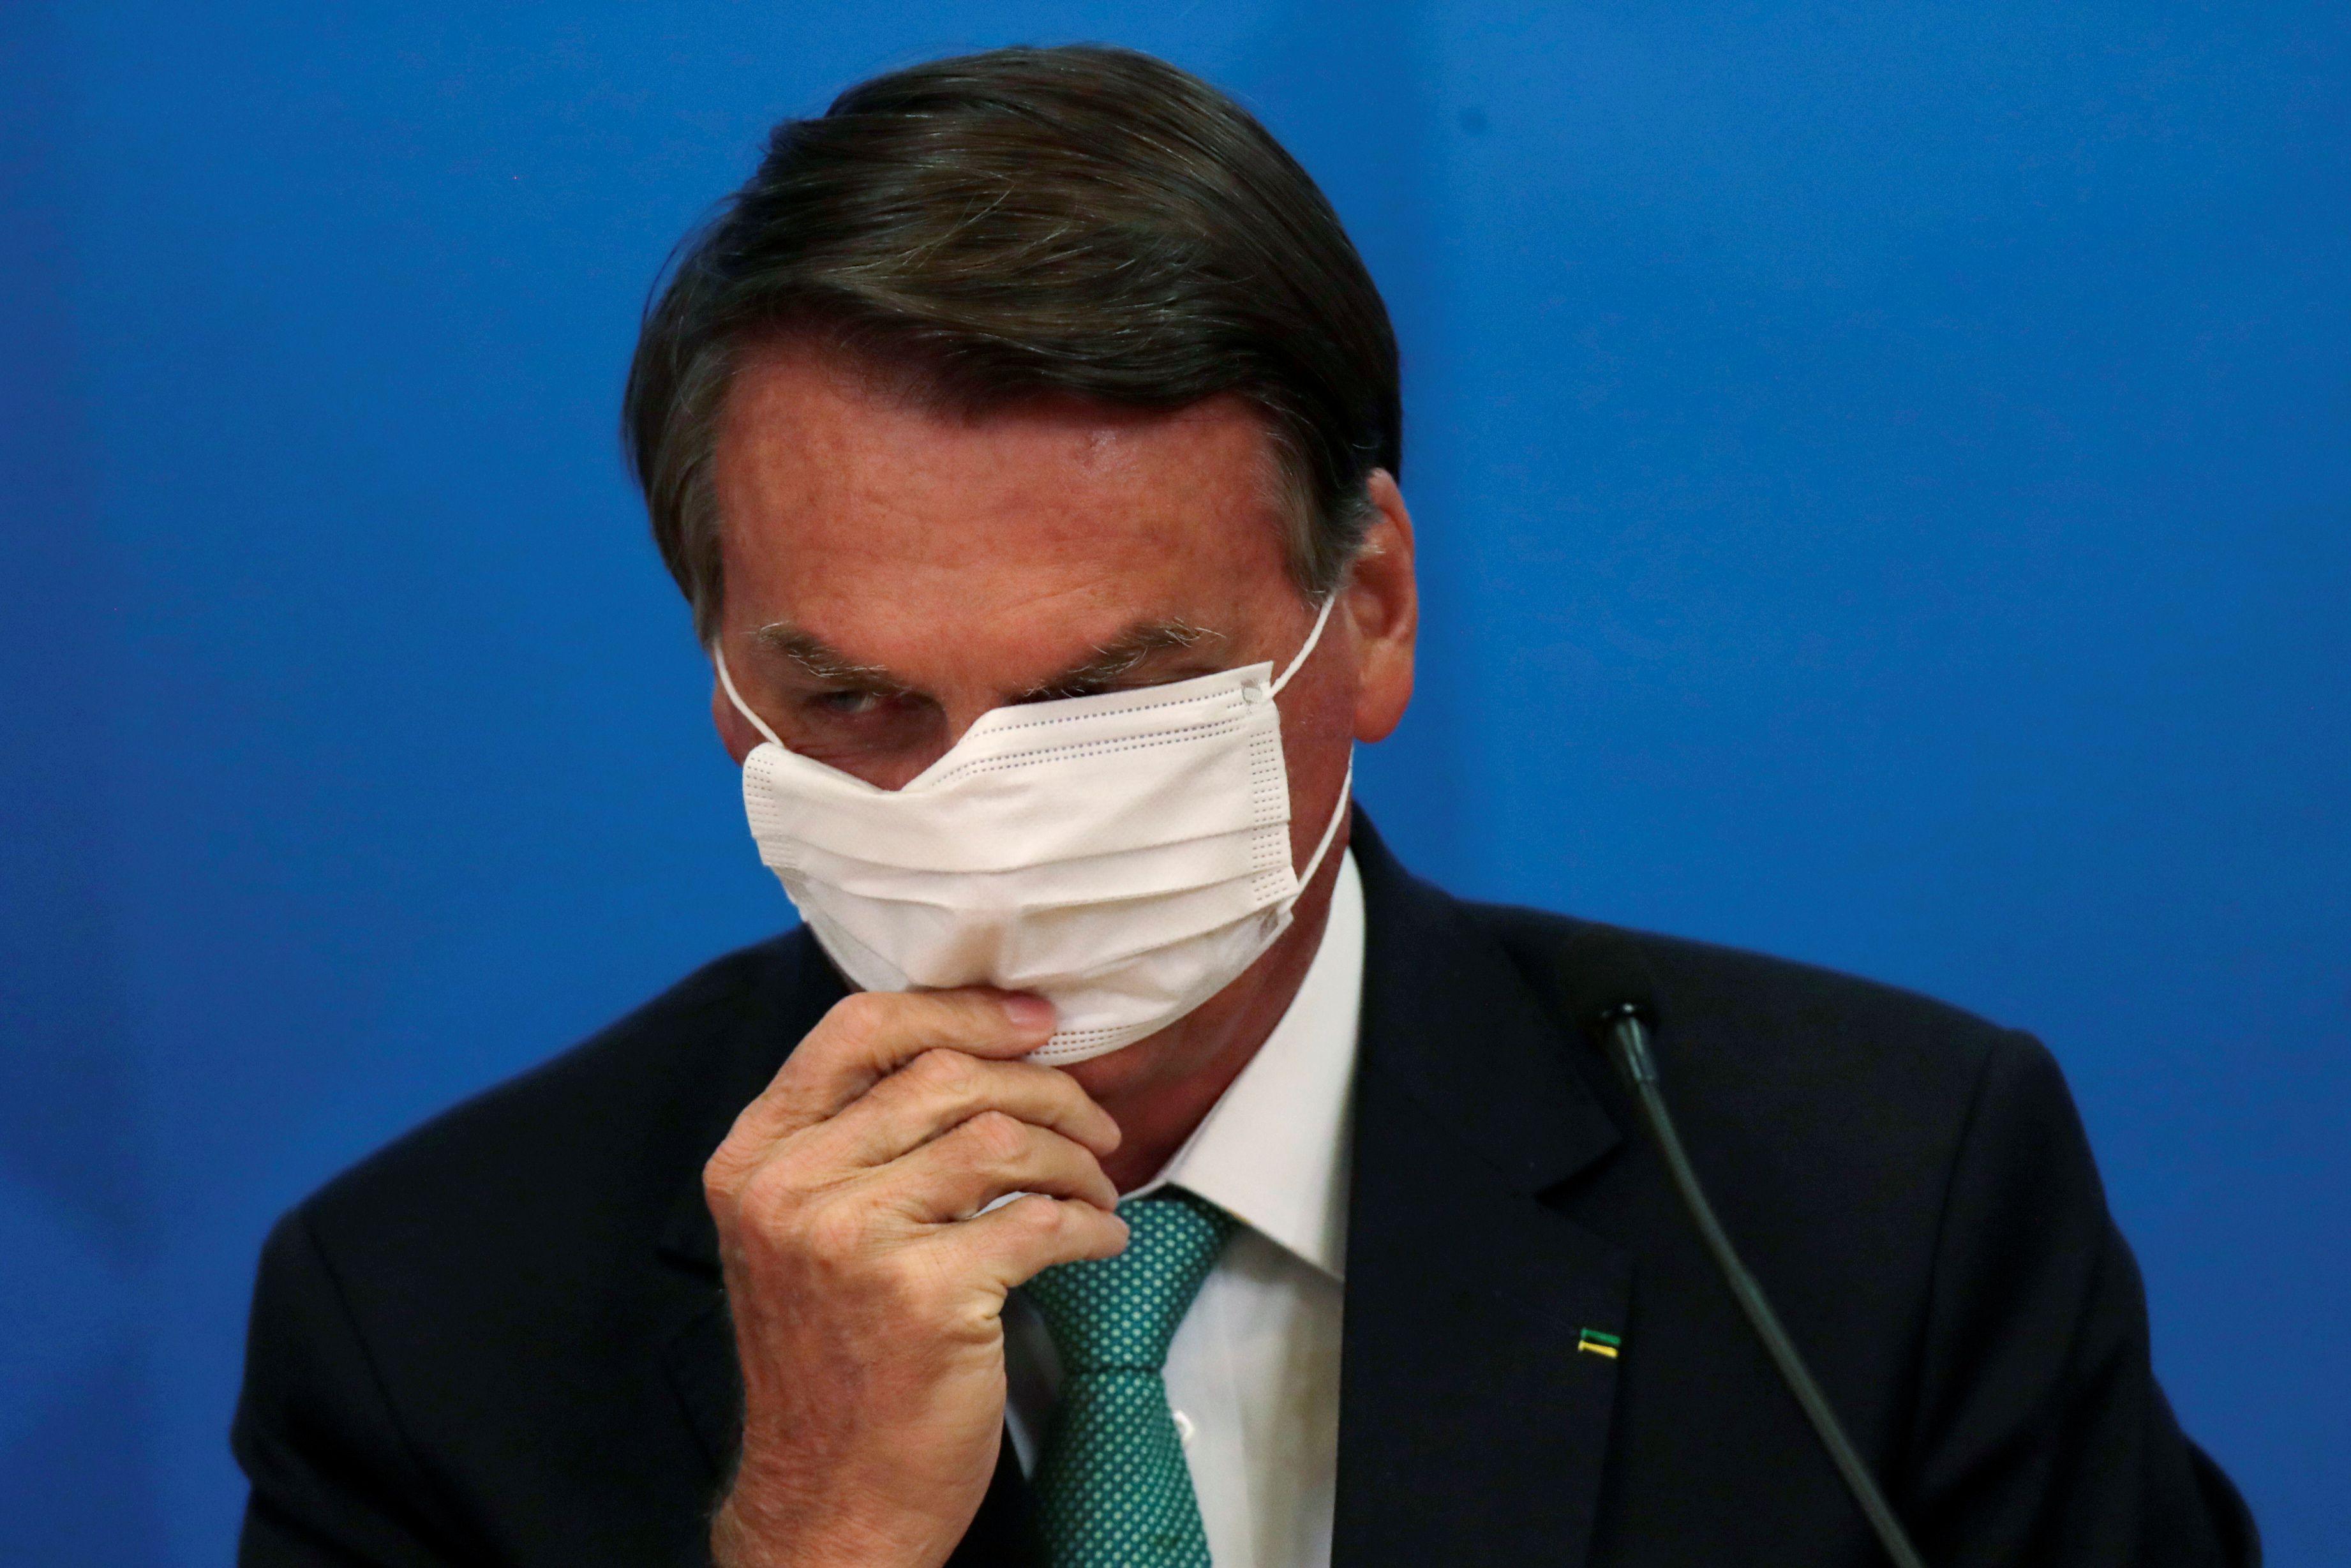 El presidente de Brasil, Jair Bolsonaro  REUTERS/Ueslei Marcelino